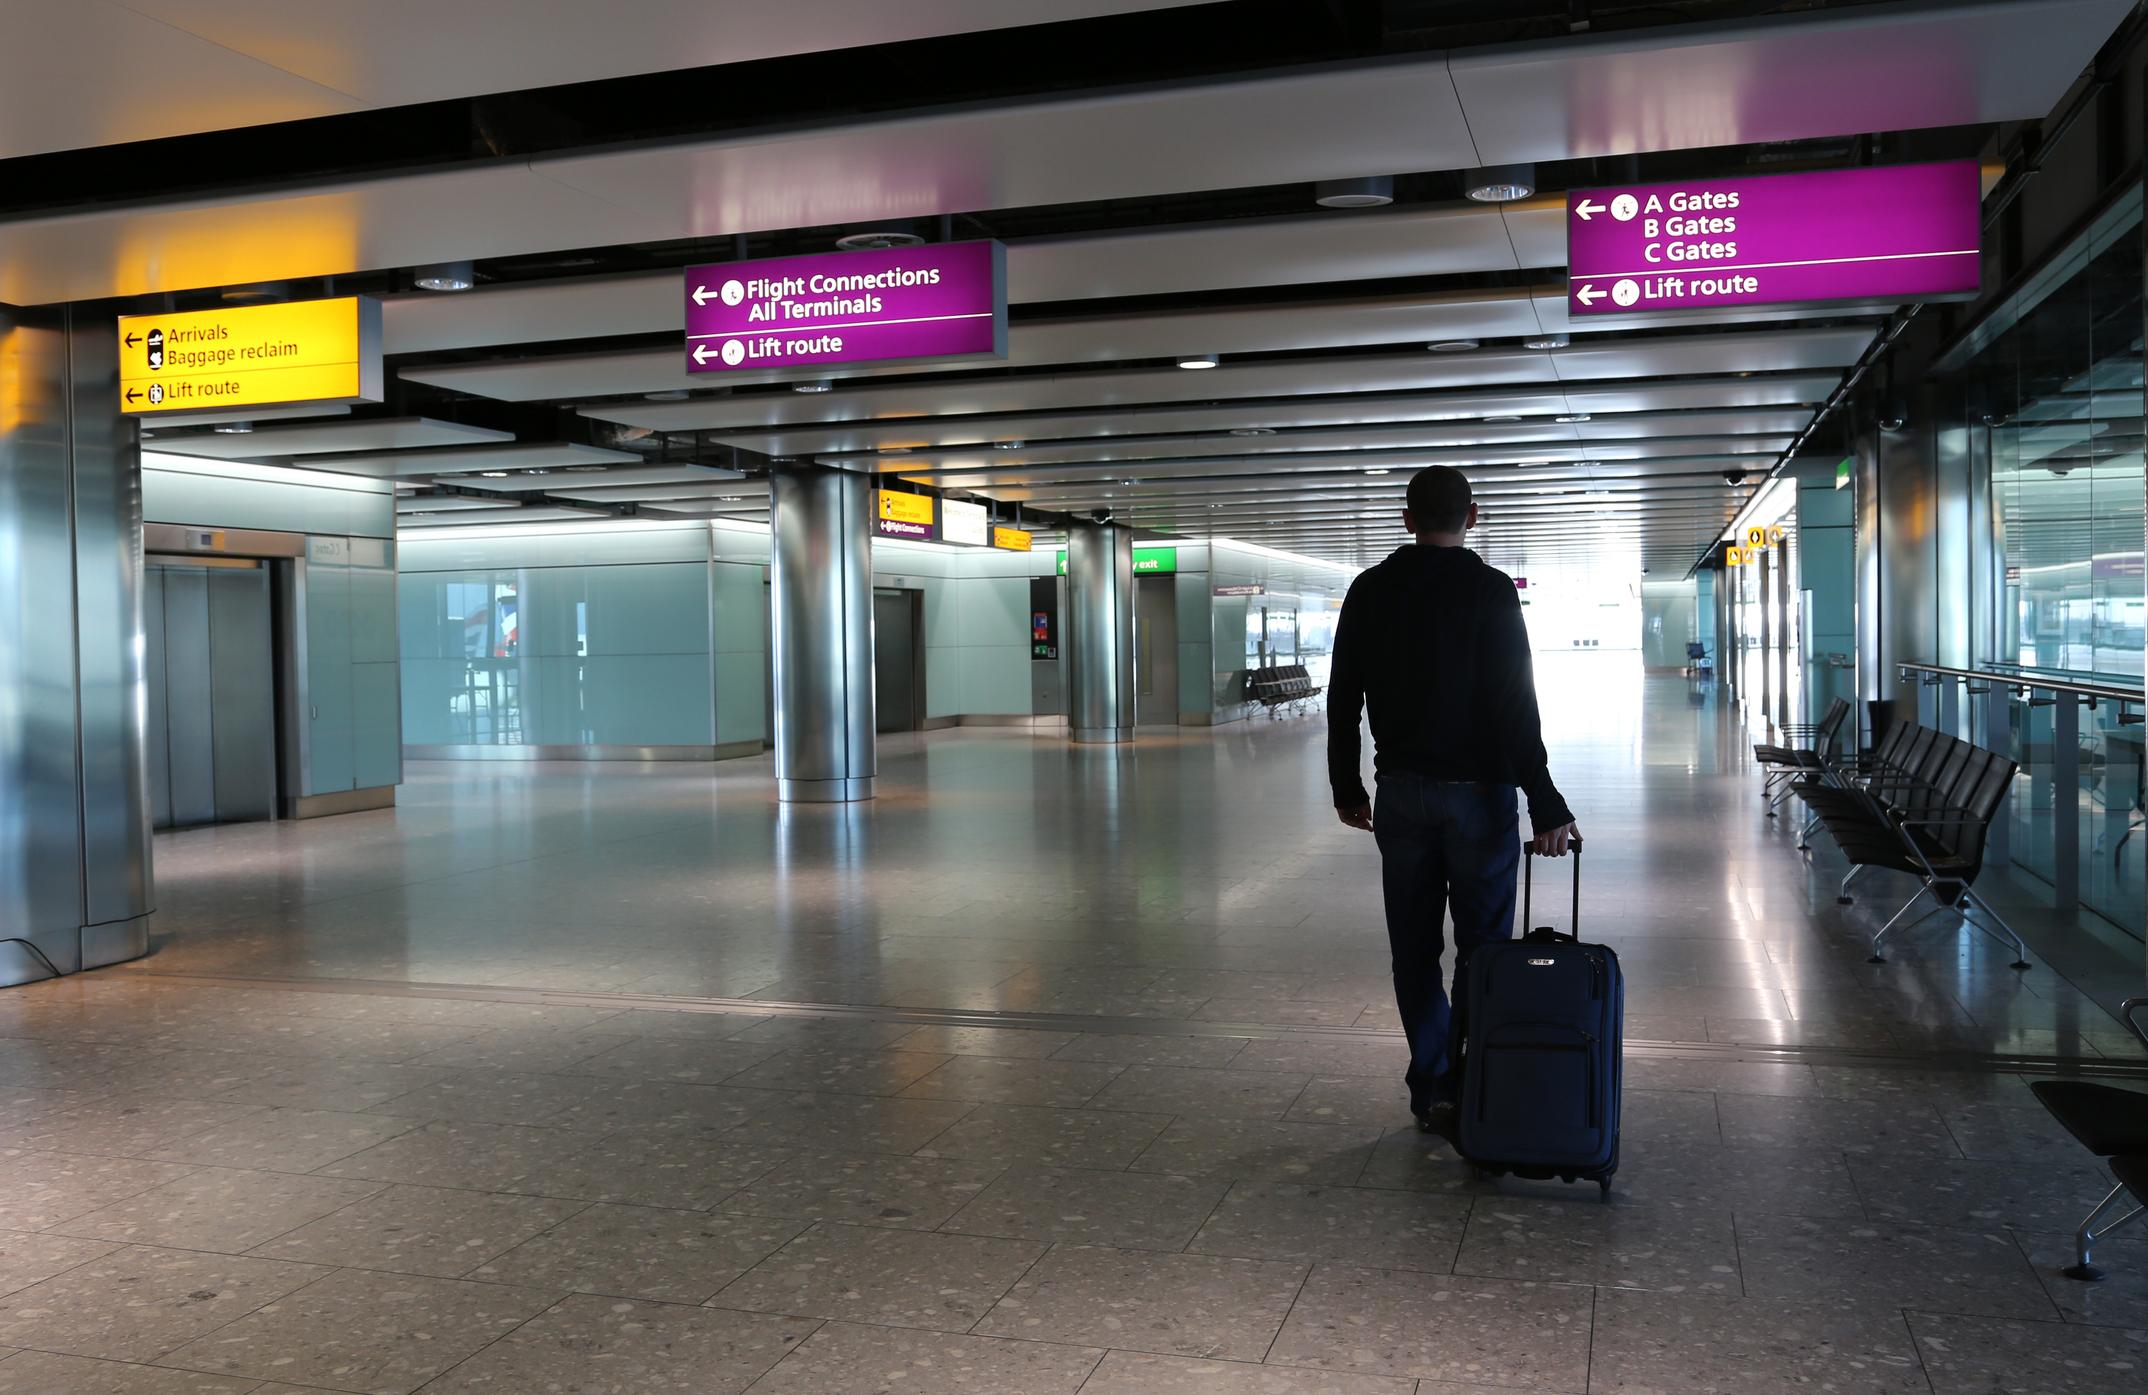 Heathow airport